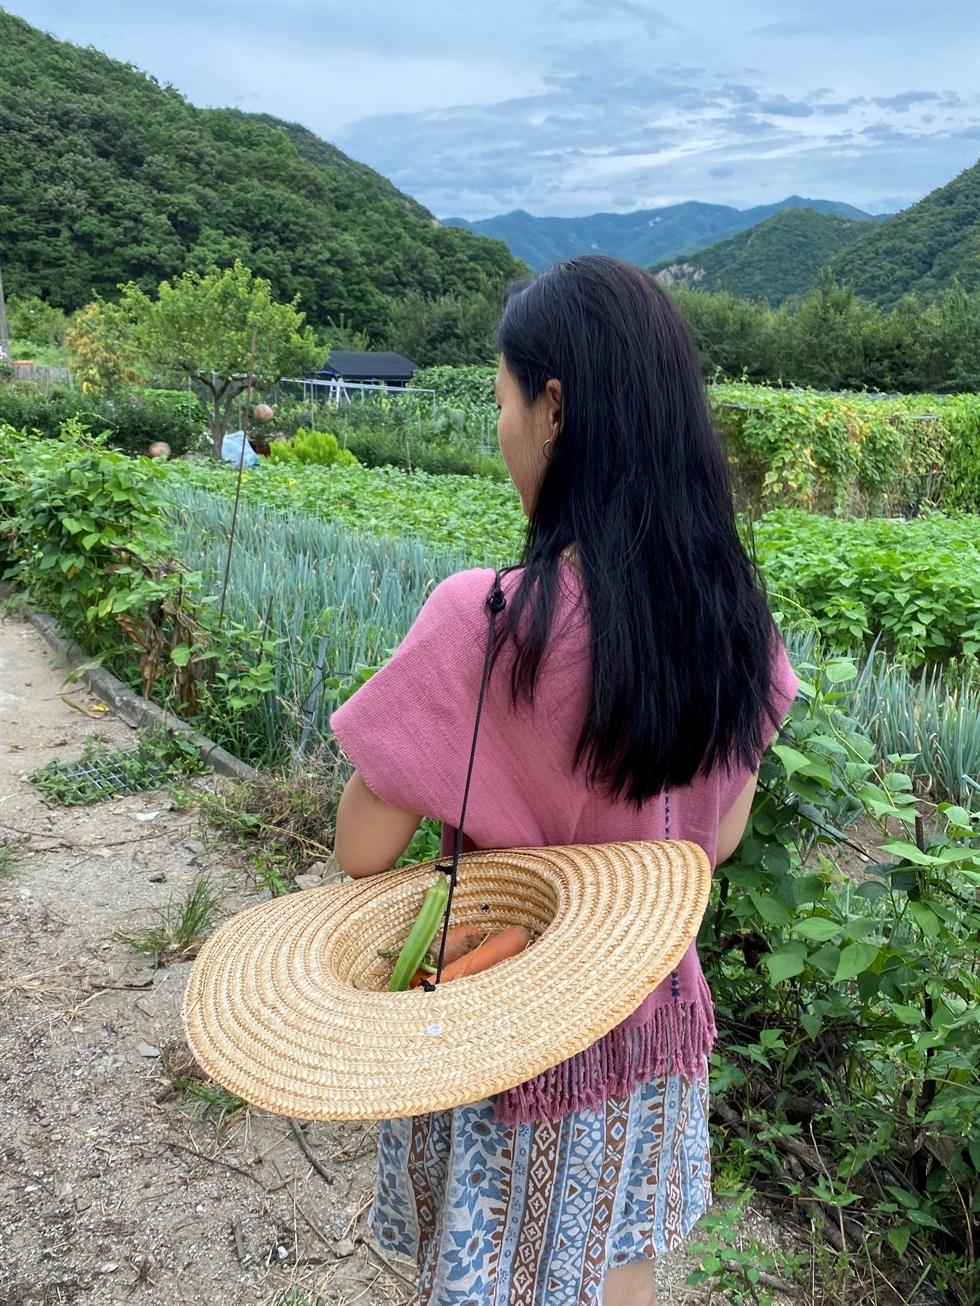 Giới trẻ Hàn Quốc thích về quê sống chậm